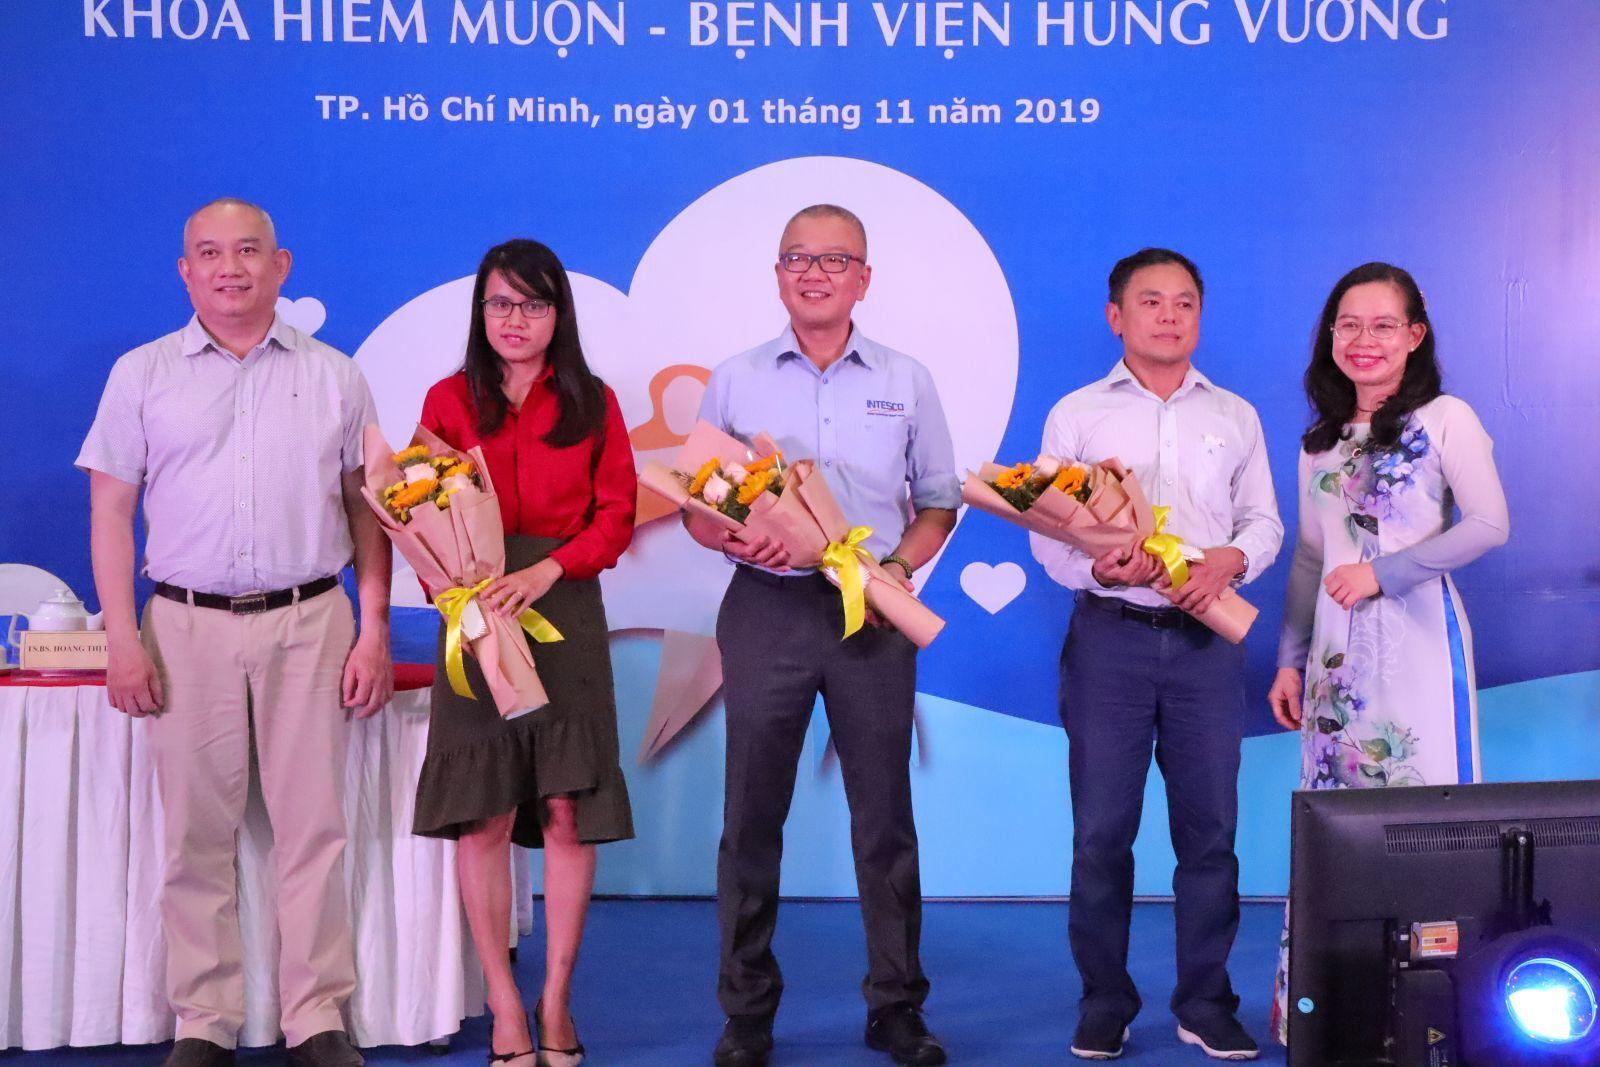 """(Tiếng Việt) Hội nghị """"Kỷ niệm 15 năm khoa Hiếm Muộn _ Bệnh viện Hùng Vương"""""""